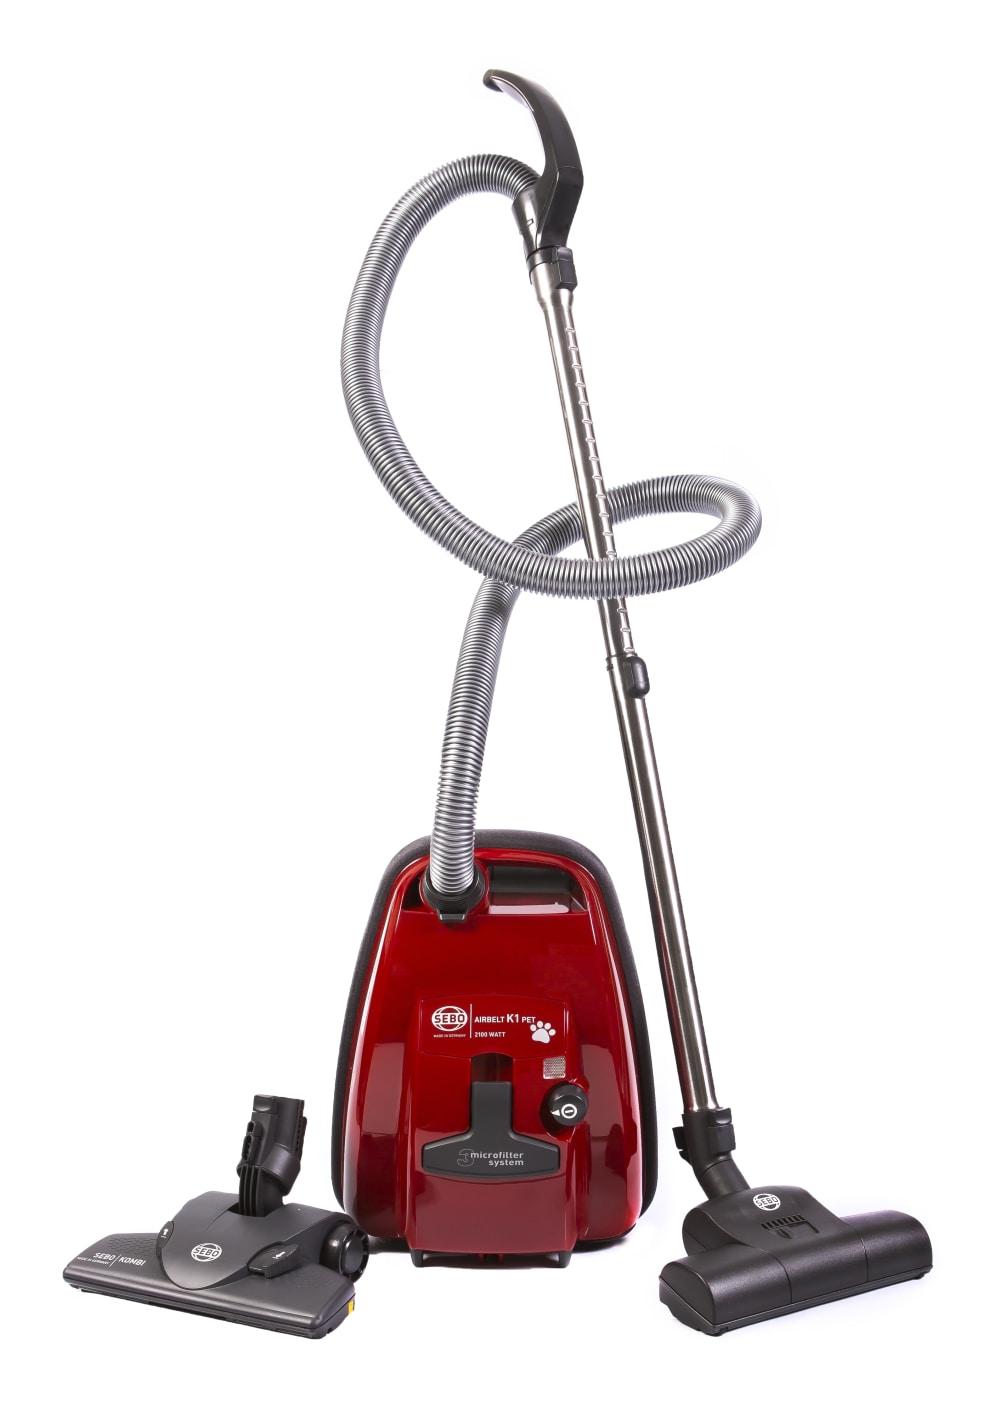 sebo k1 pet vacuum cleaner magness benrow. Black Bedroom Furniture Sets. Home Design Ideas